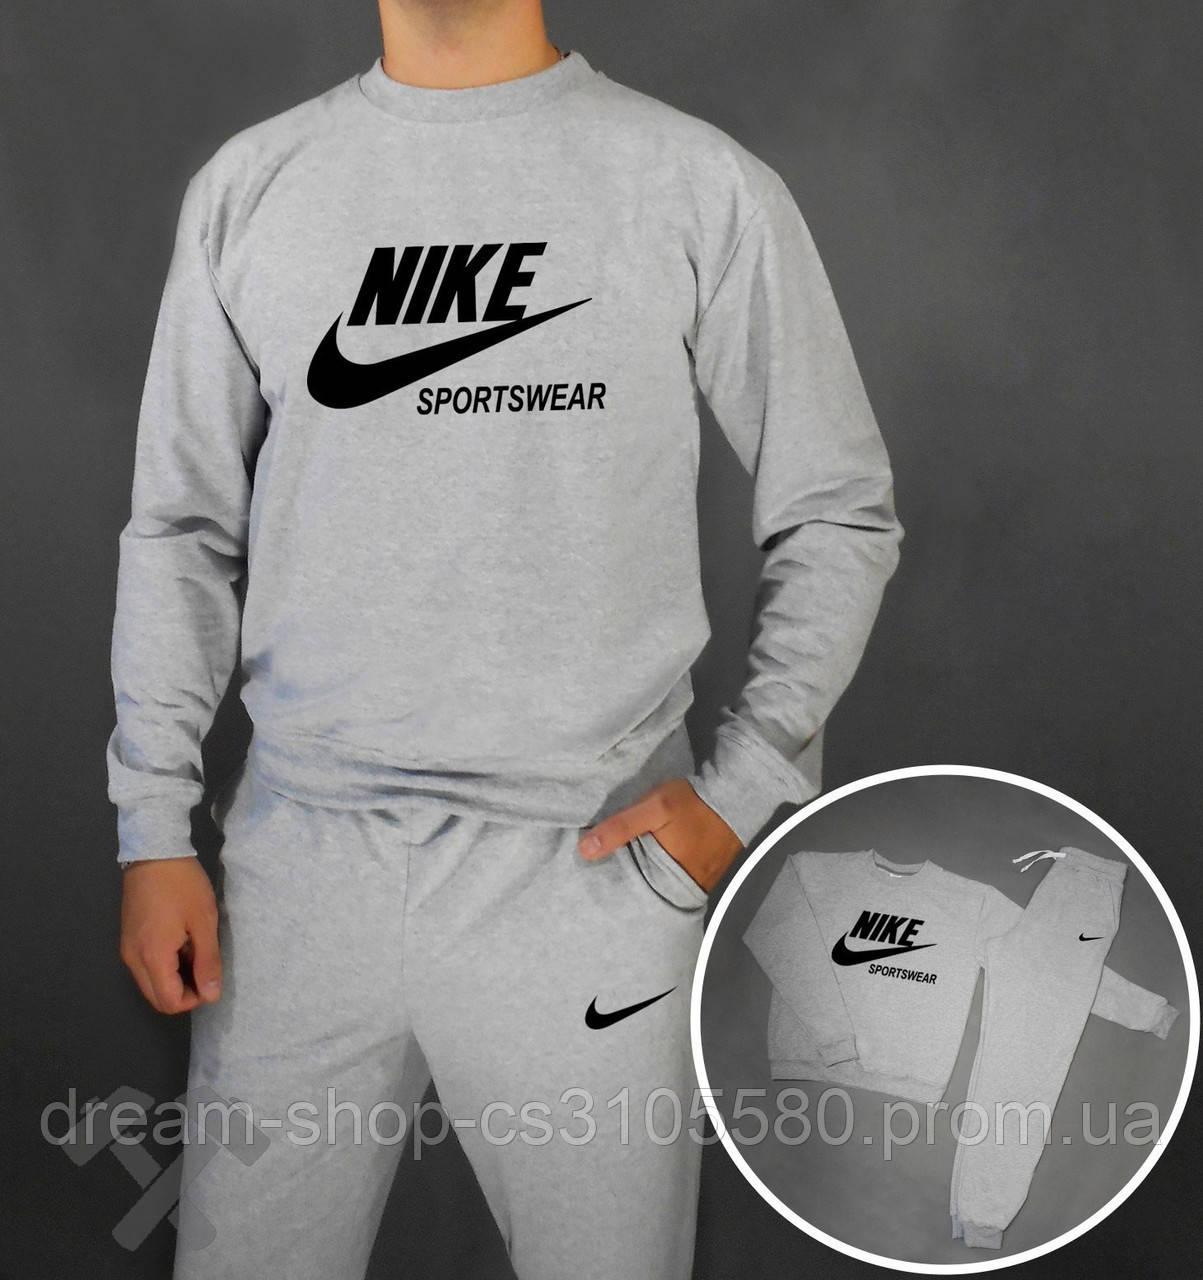 Чоловічий спортивний костюм Найк, світшот і штани